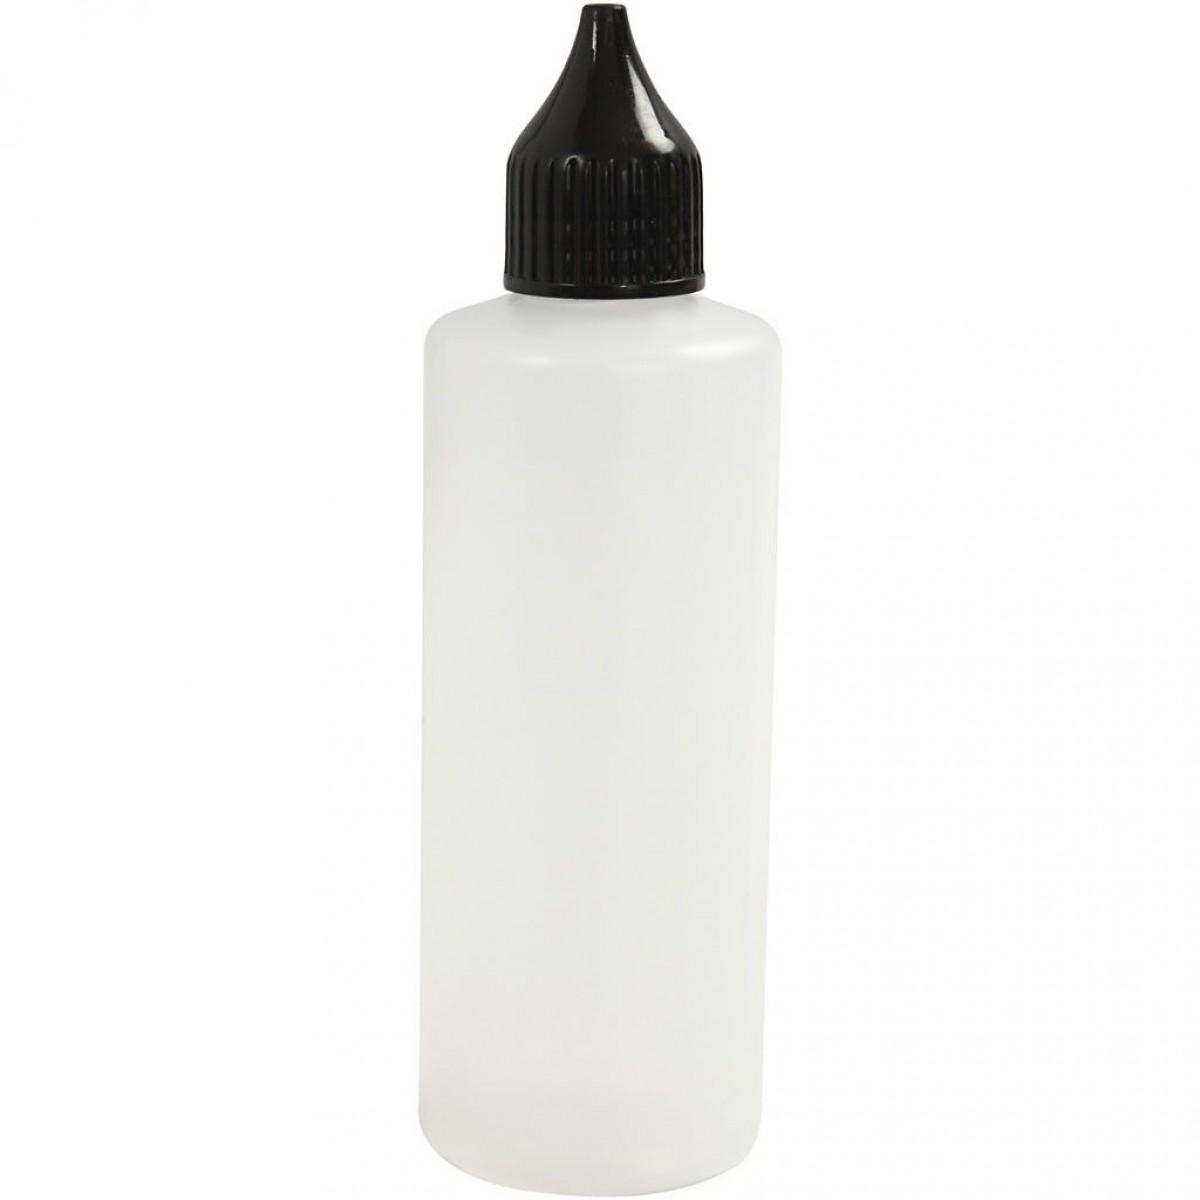 Tegneflaske 80ml inkl. tud og låg (tom)